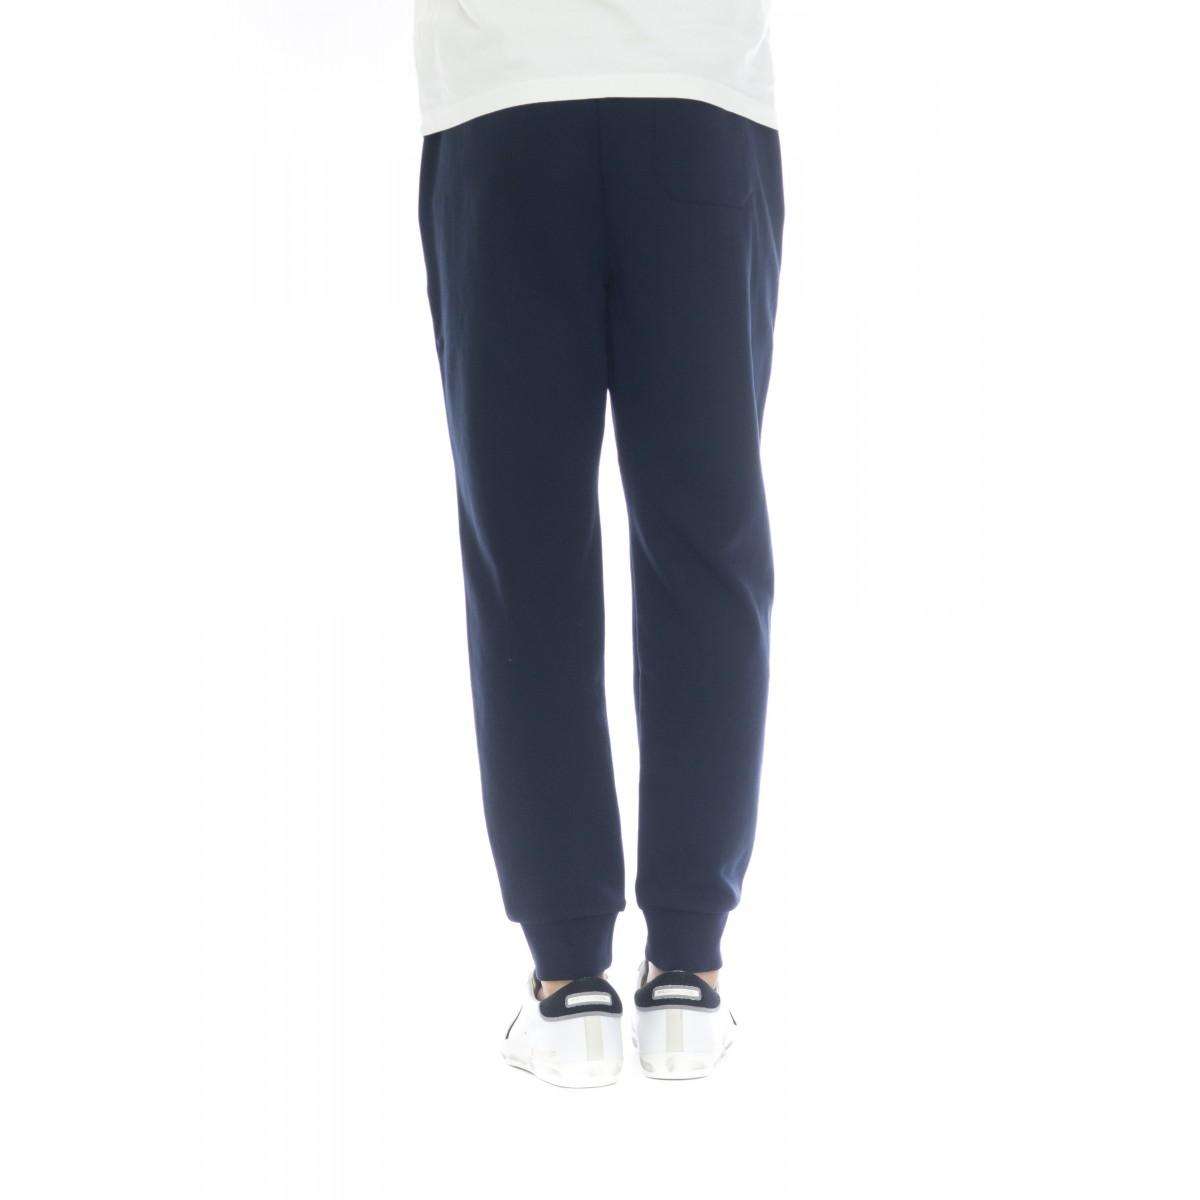 Pantalone uomo - 652314 pantalone tuta blu